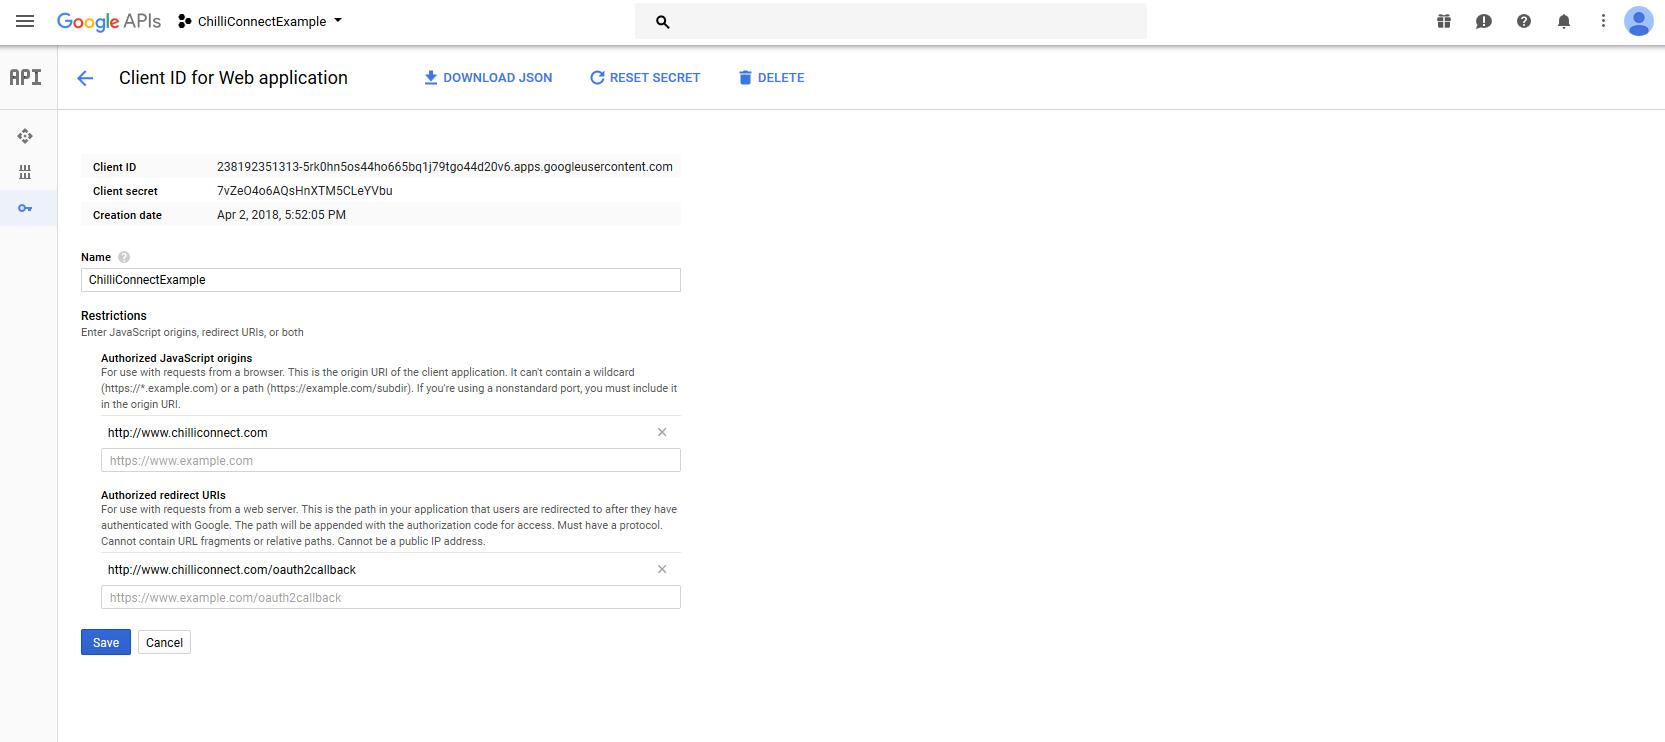 Google Link and Login - Developer Guide